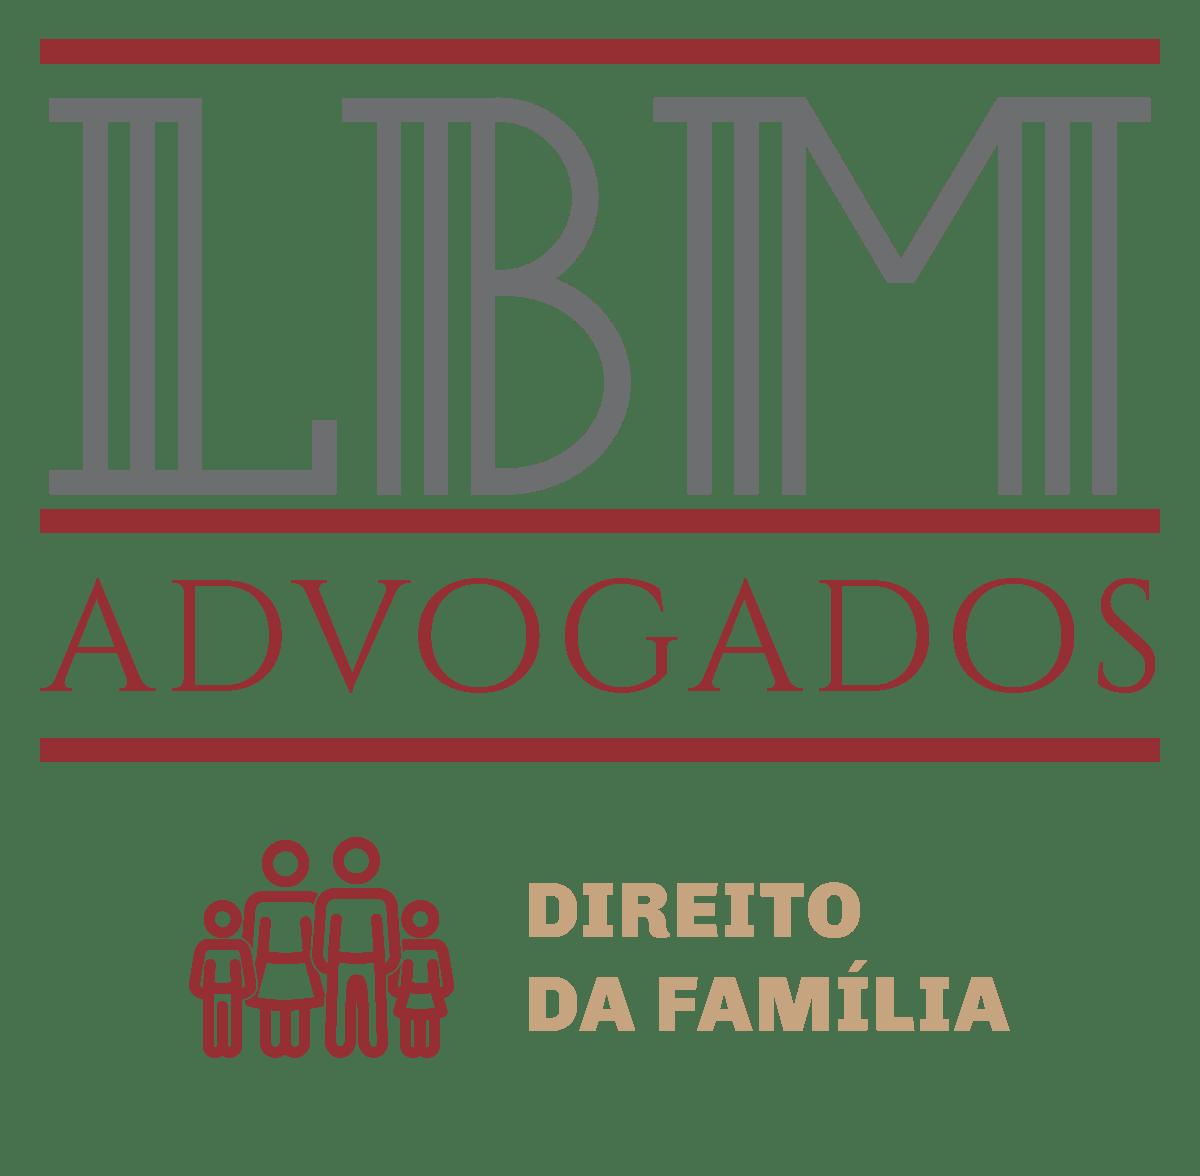 Advogados Direito da Familia